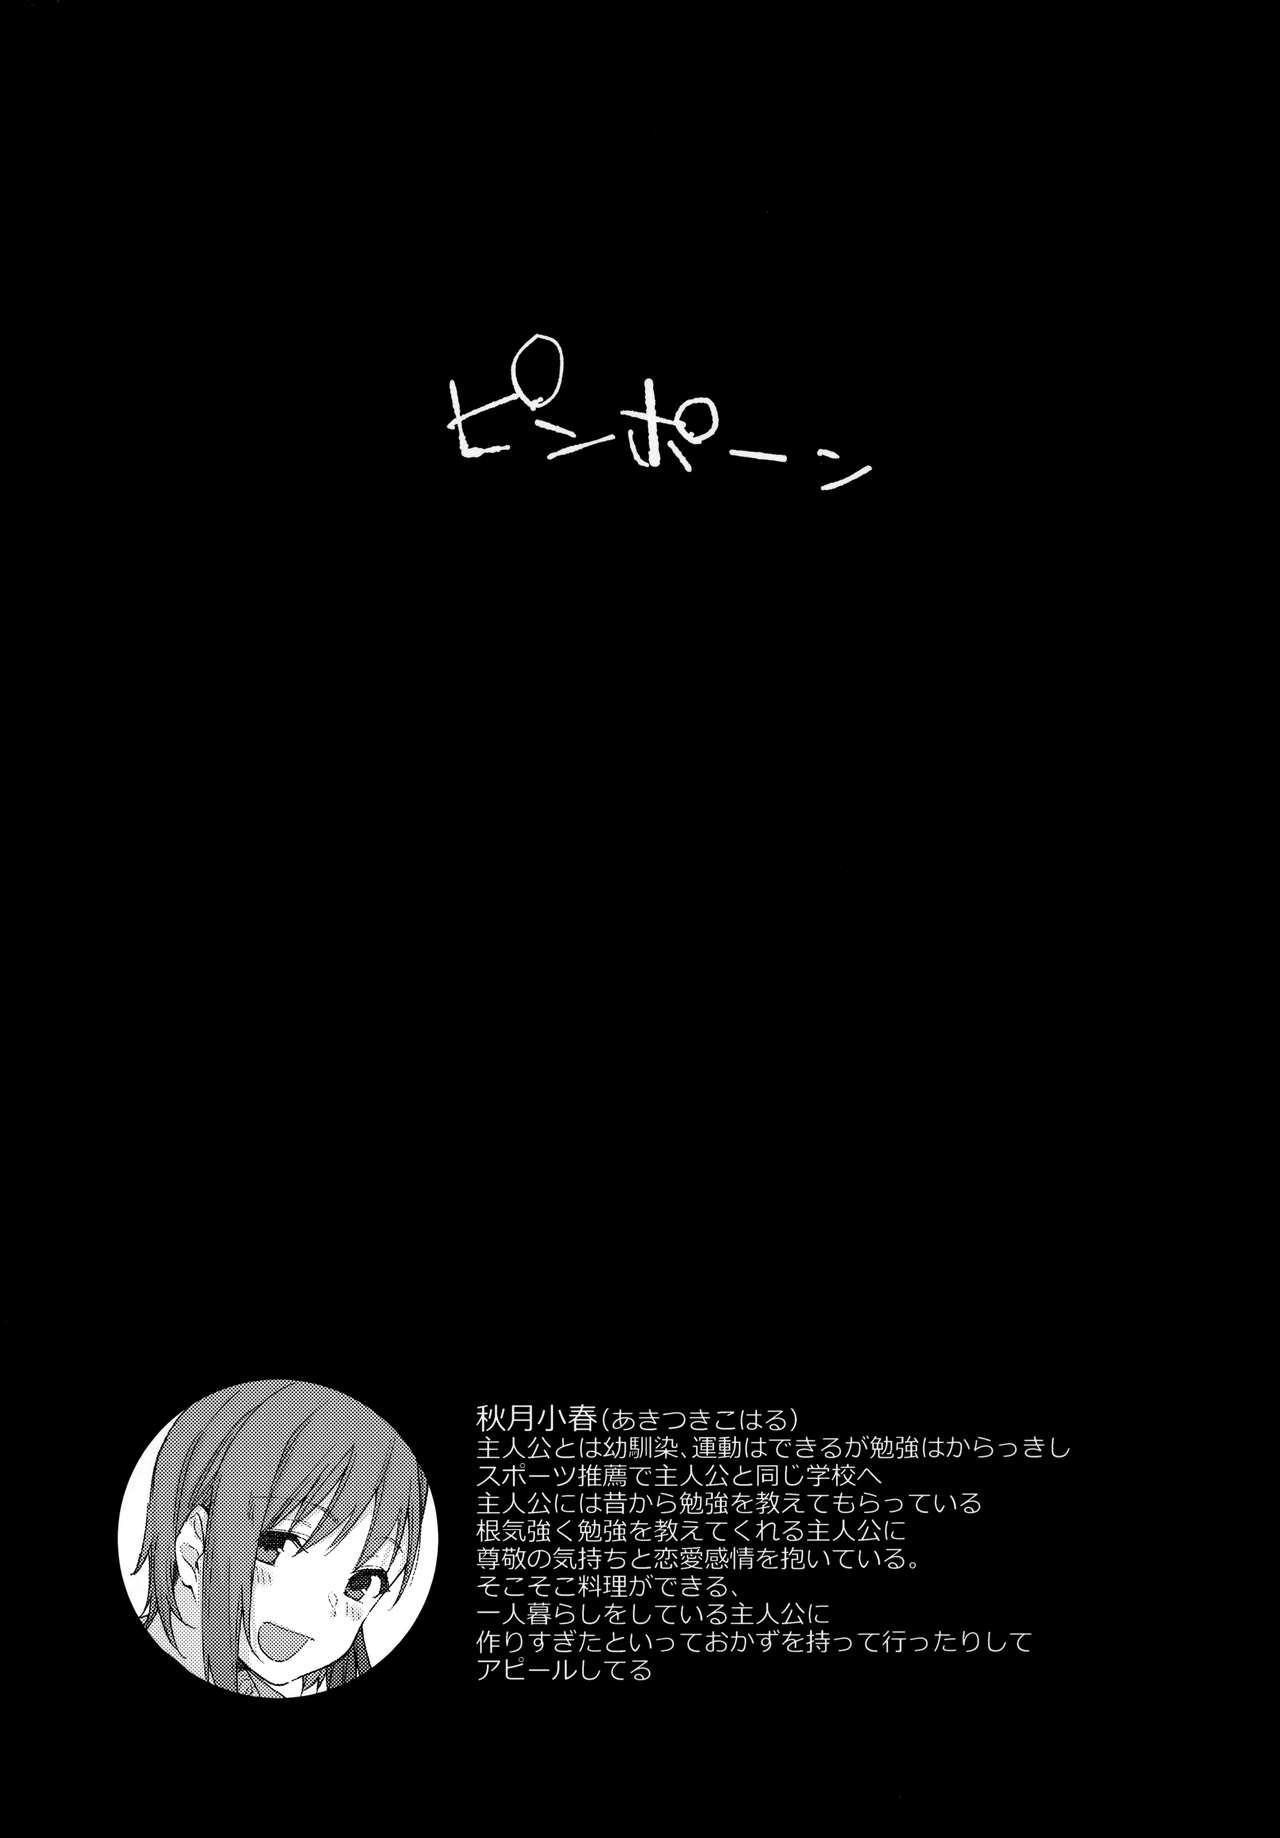 Boku no Ie ga Class no Furyou Musume ni Iribitararete iru Ken. 2 45